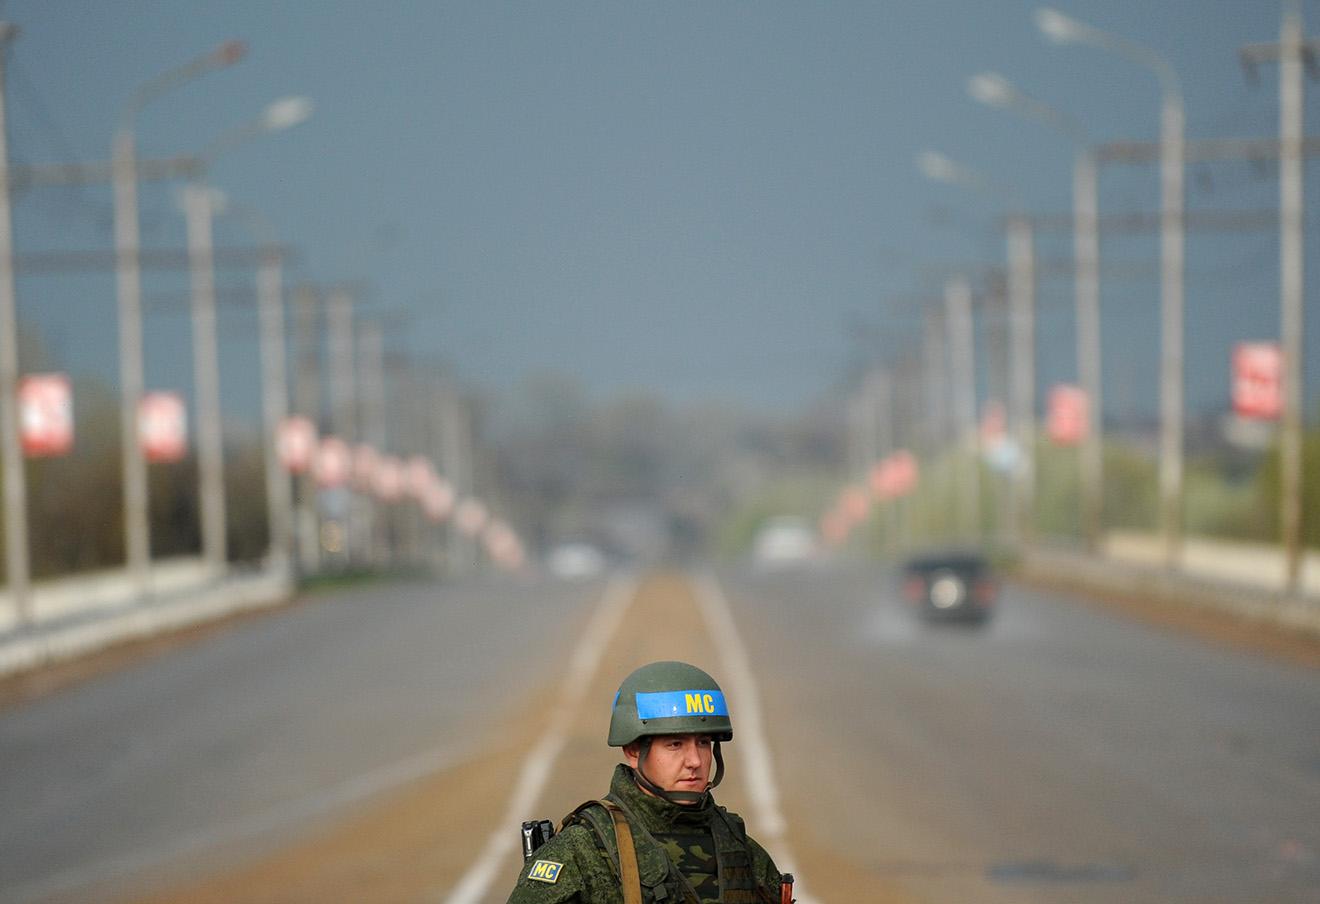 На миротворческом посту на мосту через Днестр в Бендерах, Приднестровье. Фото: Сергей Карпов / ТАСС